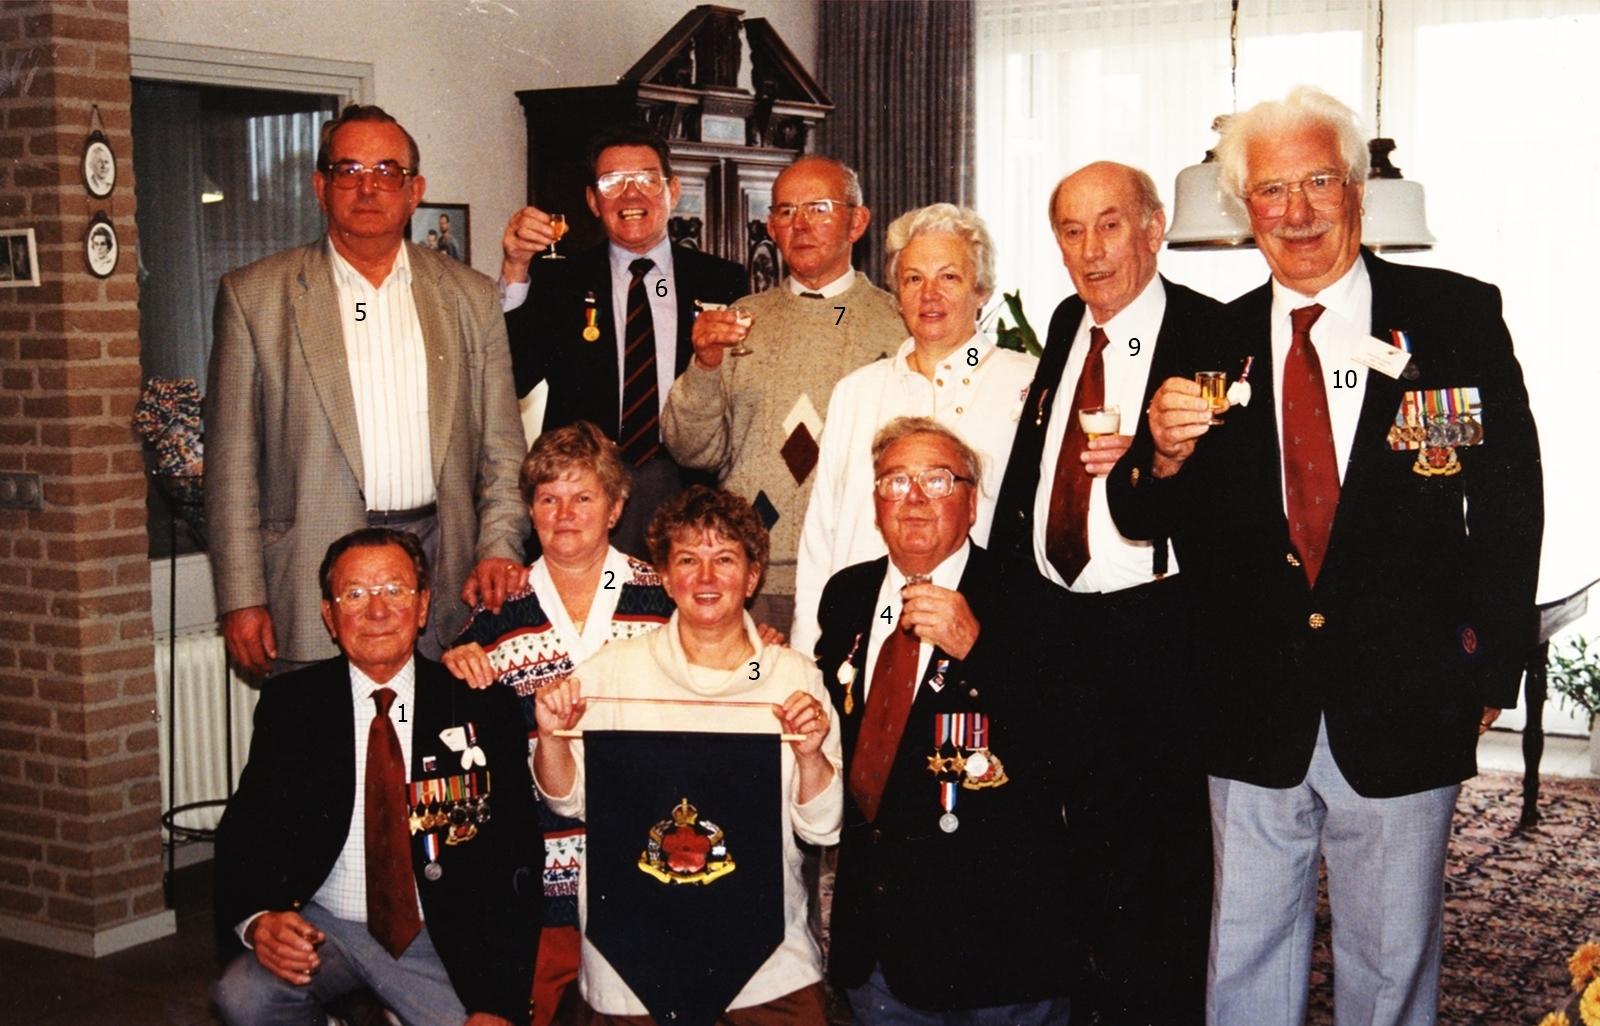 1995 bezoek van de redder uit de vuurzee DENNIS STANTON op 23 oktober 1944